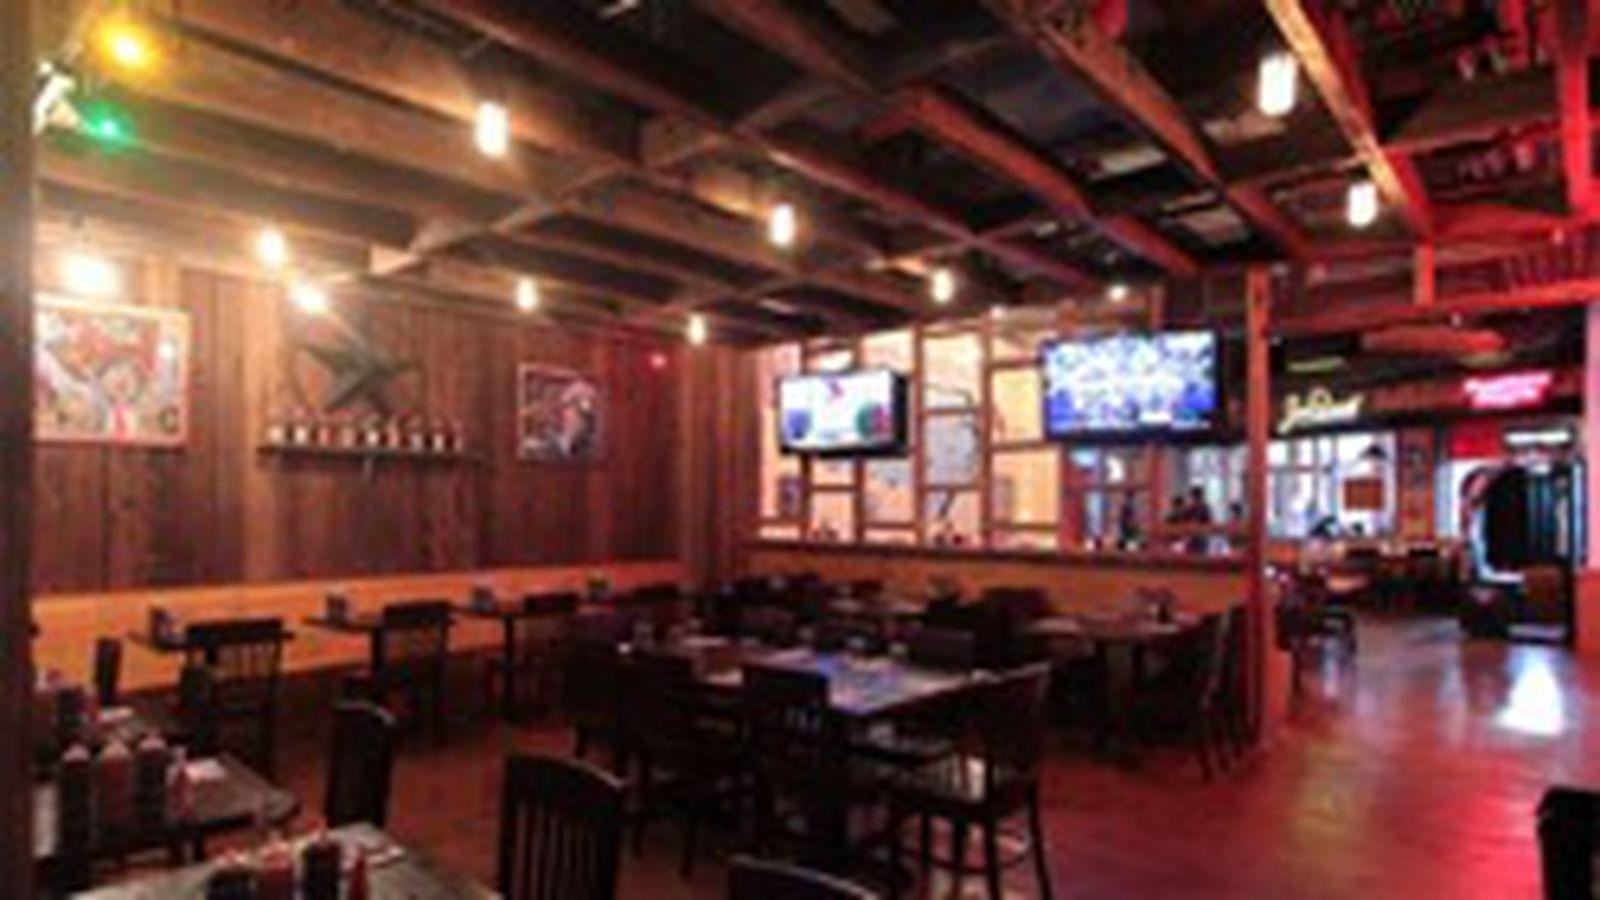 Bbq restaurant kitchen layout - Bbq Restaurant Kitchen Layout Design Inspiration 217640